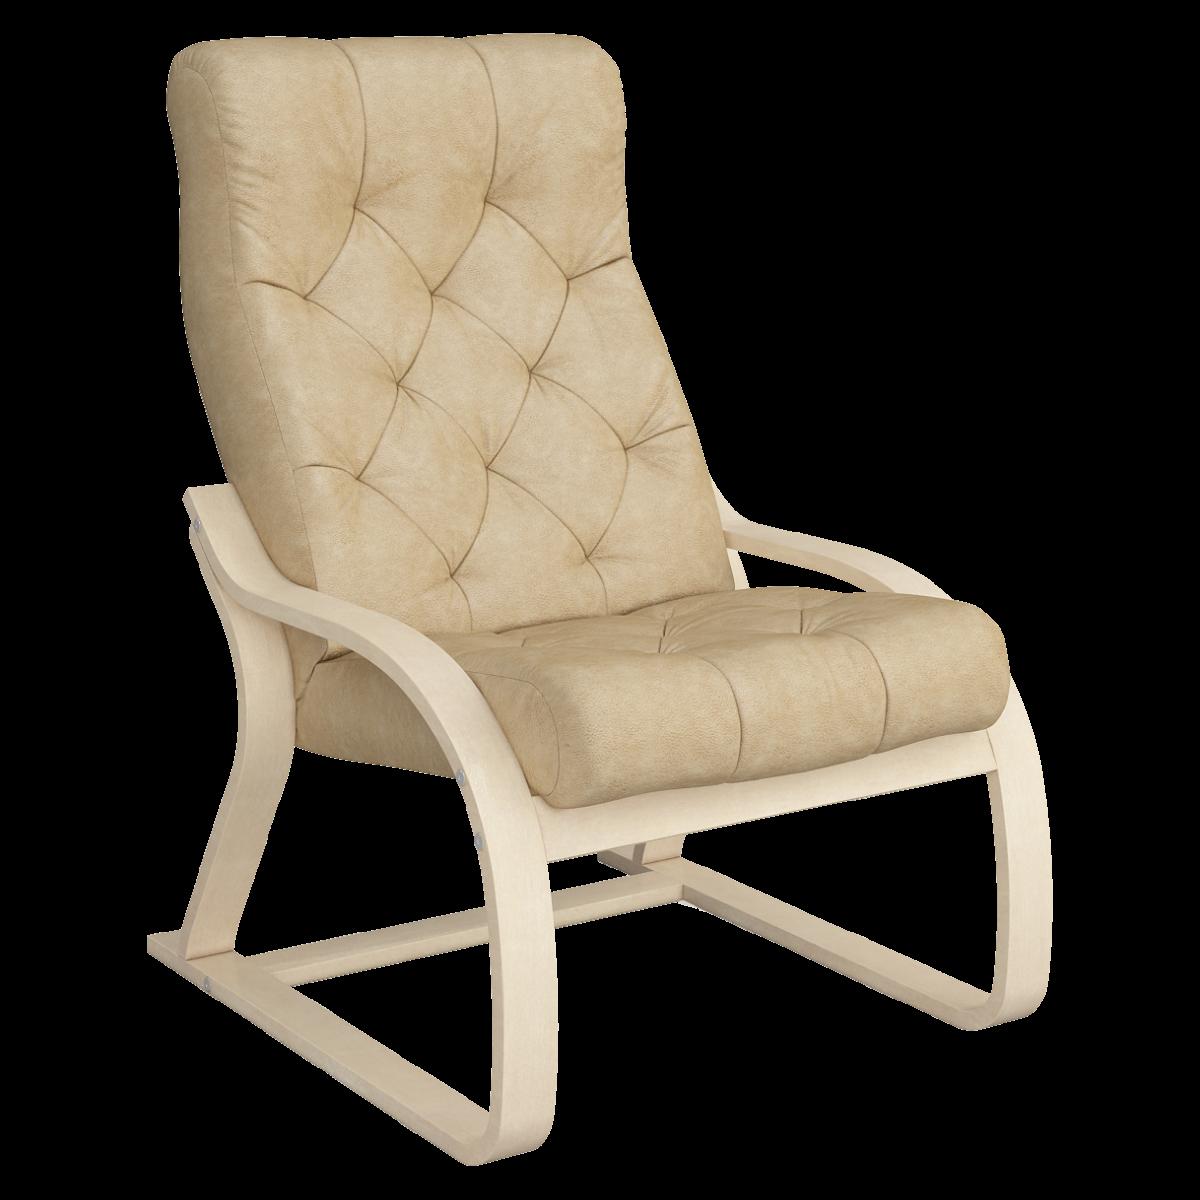 Кресло для отдыха Салина Люкс (Плутон 603 натурал)